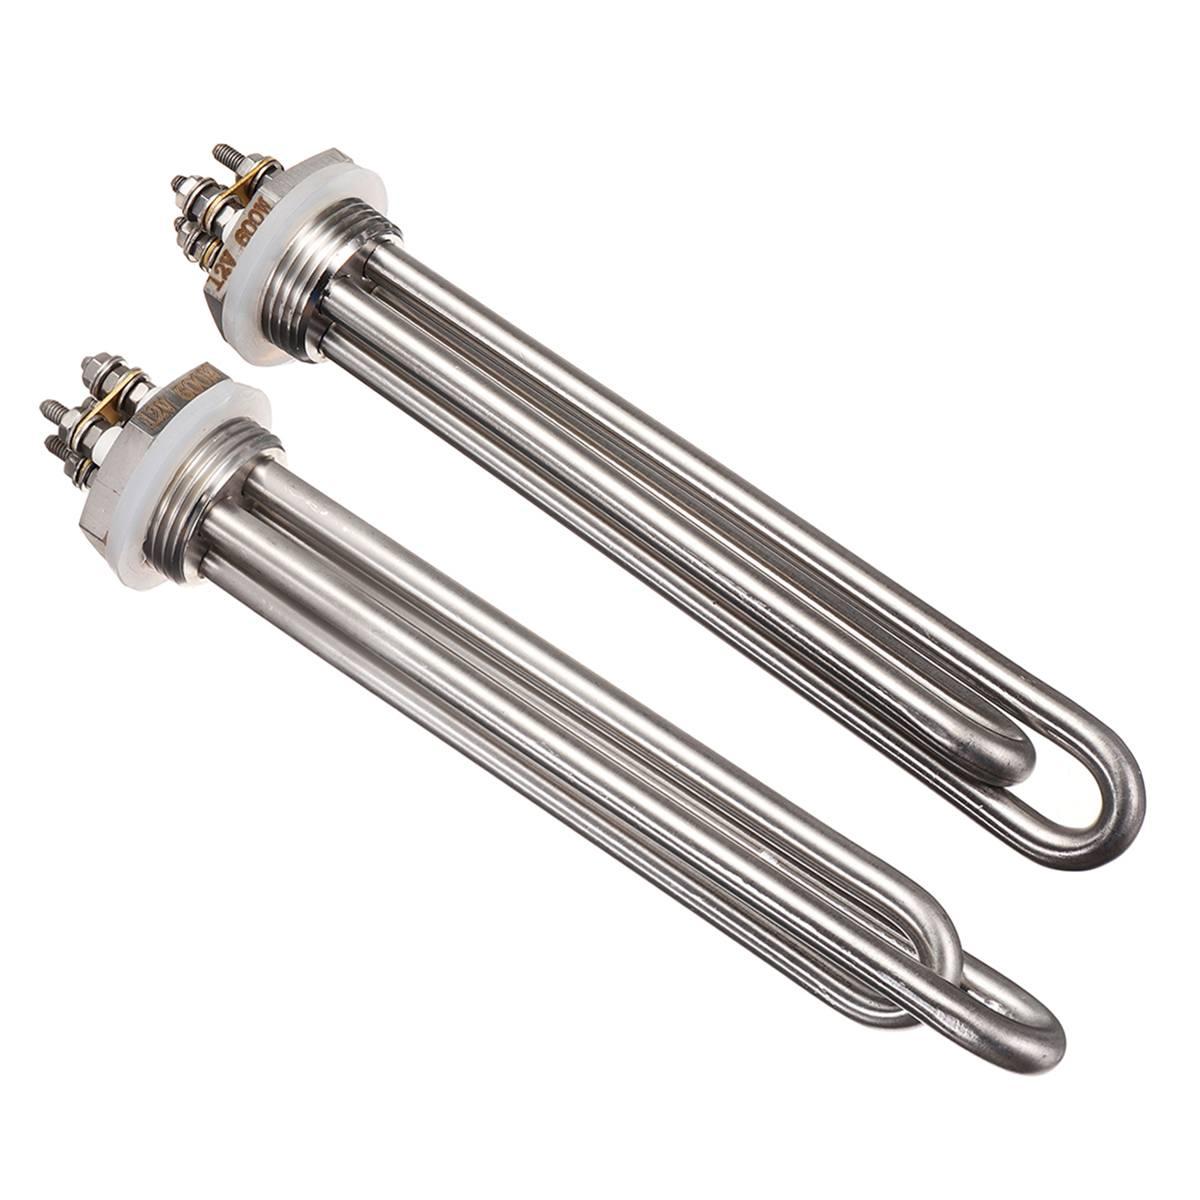 12 В 600 Вт Электрический нагреватель из нержавеющей стали нагревательный элемент 1 дюйм датчик обнаружения утечки воды погружной нагревател...